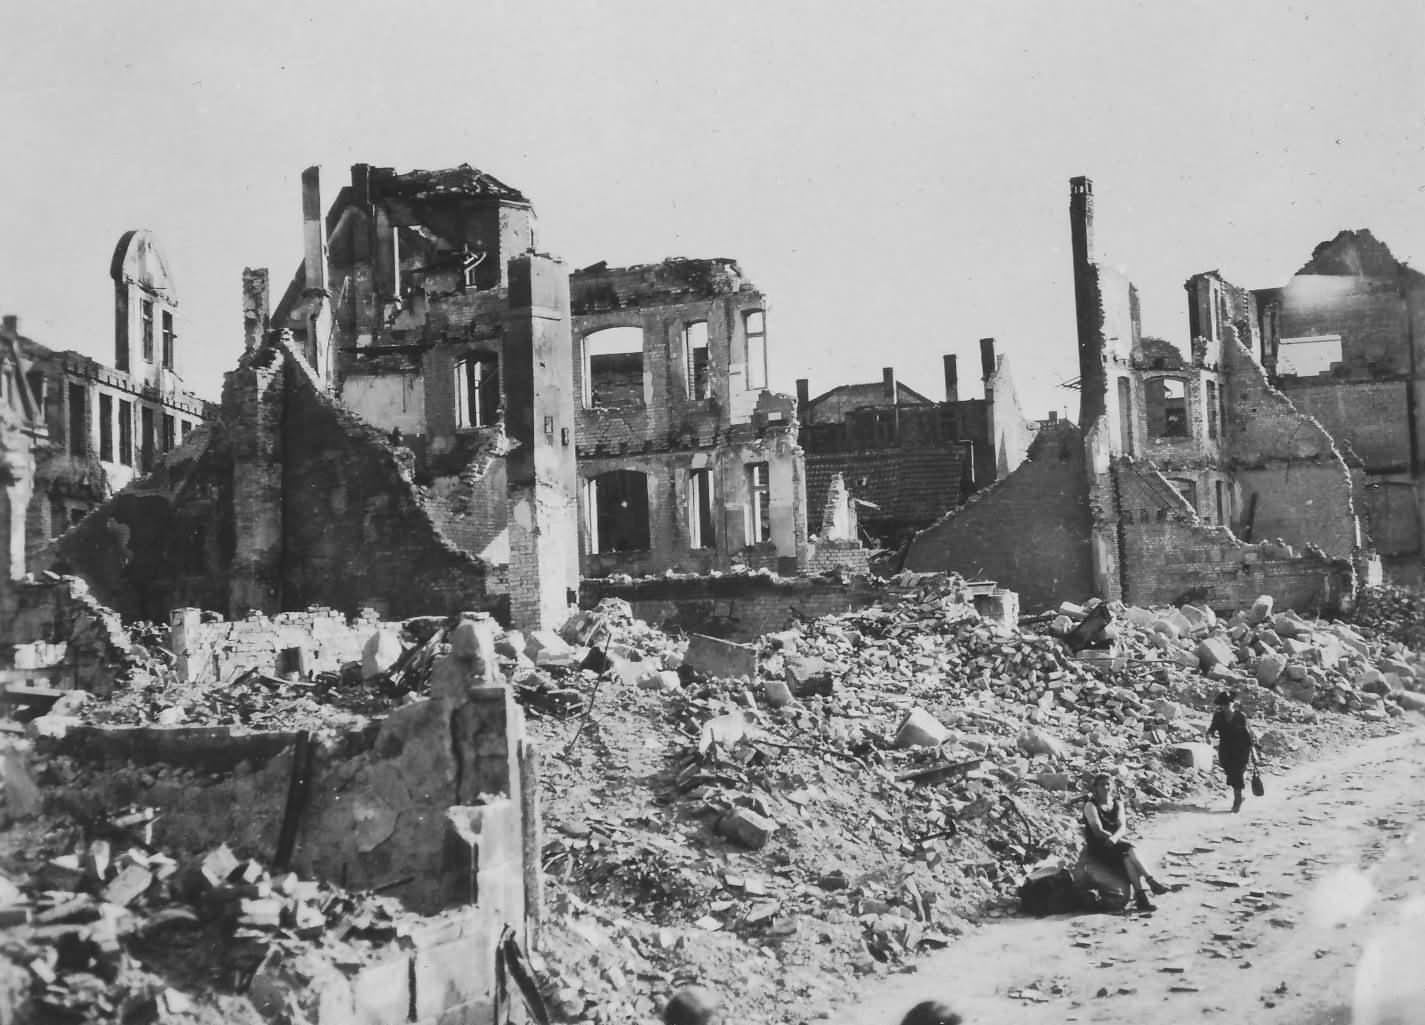 Bombed Nürnberg (Nuremberg) 1945